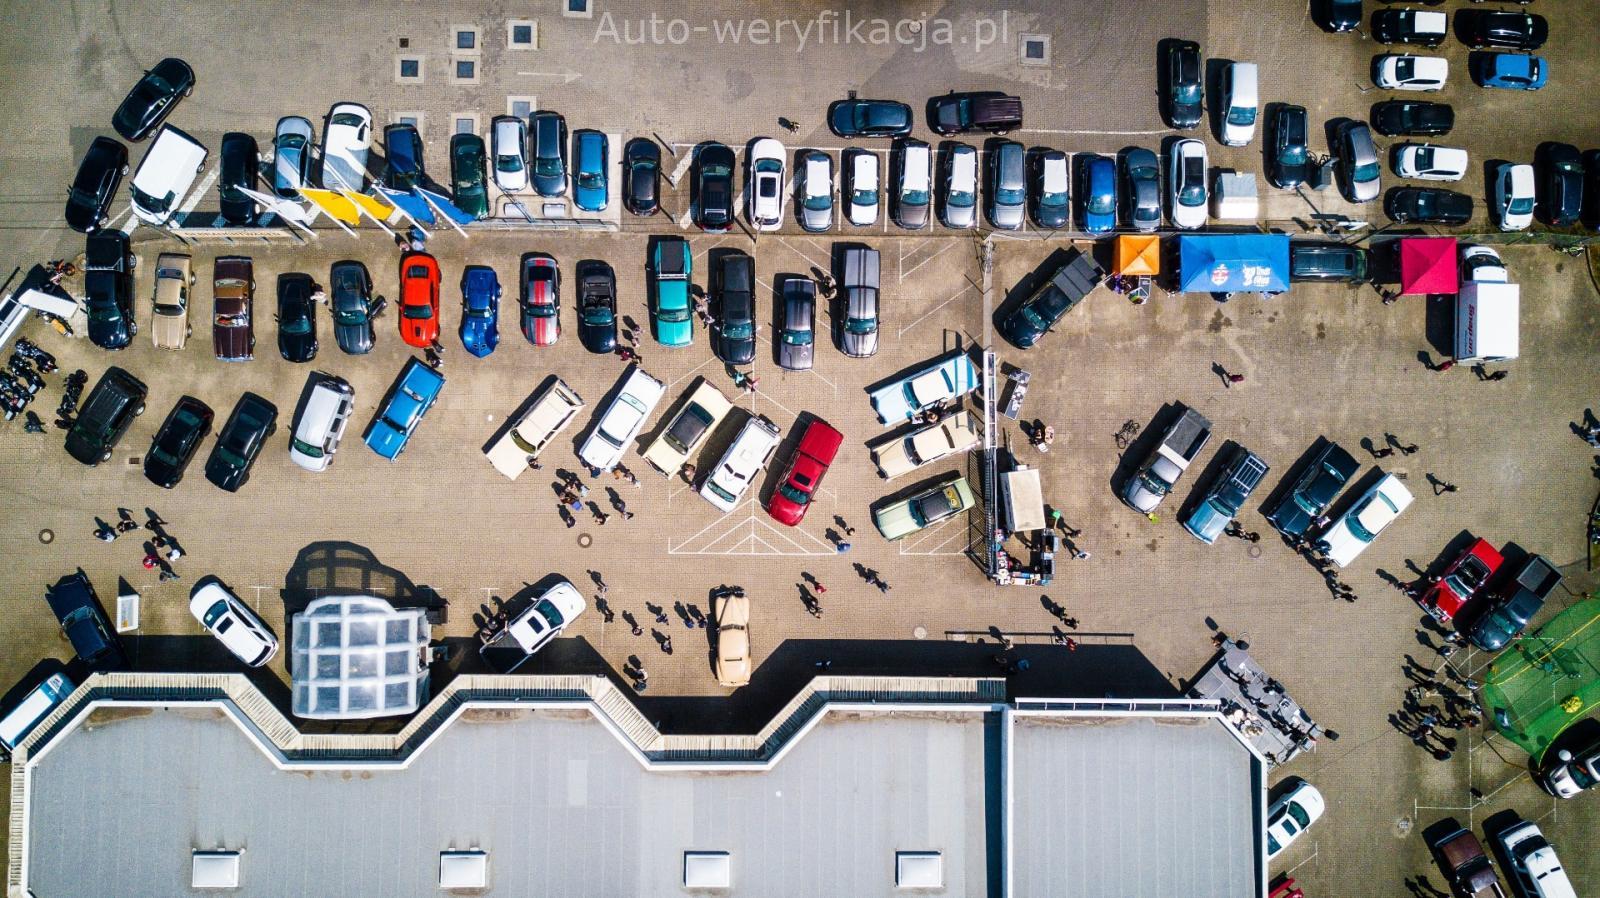 Sprawdzenie stanu technicznego samochodu używanego